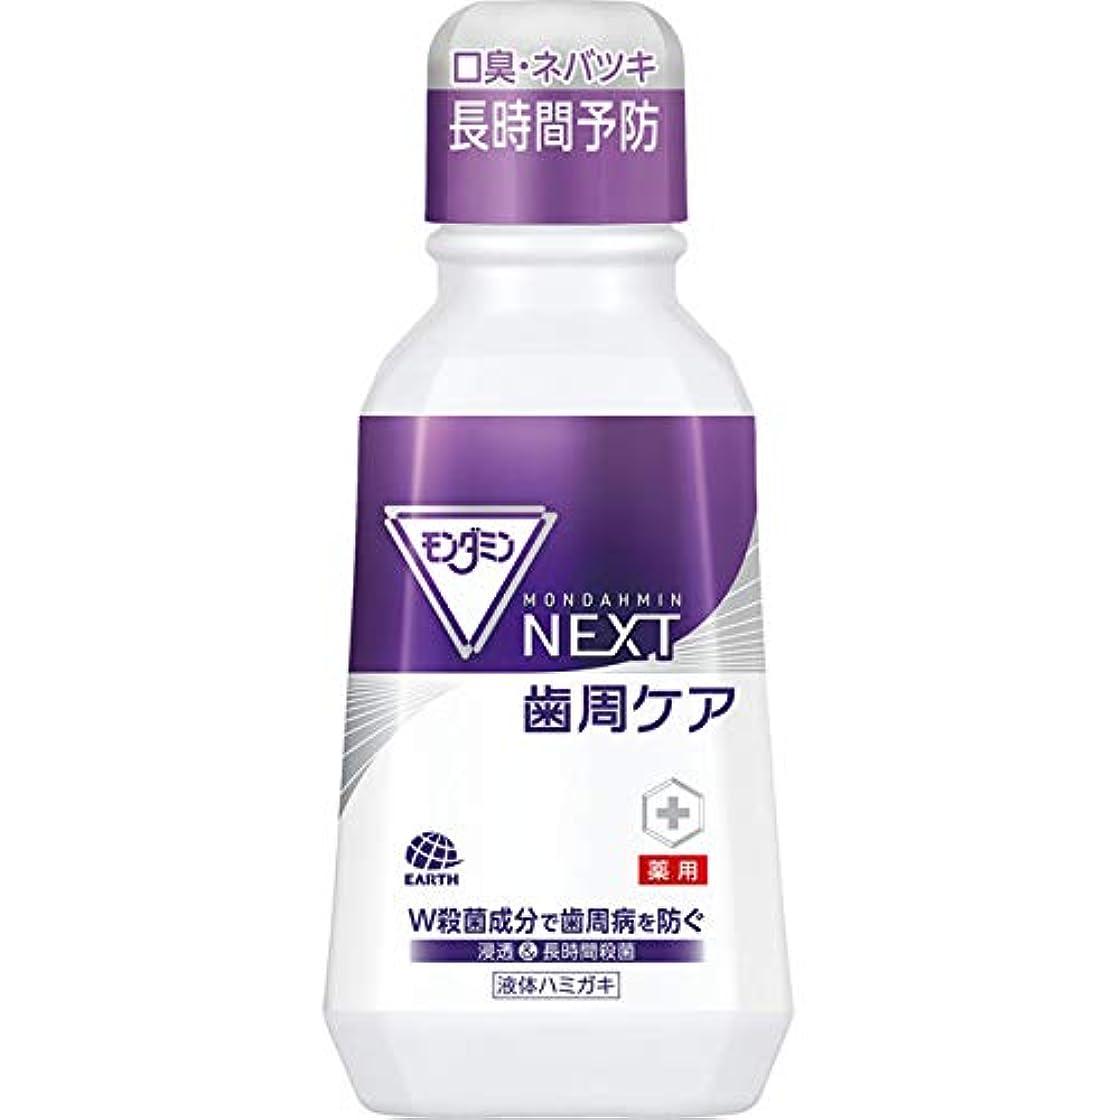 カーフ忌避剤キャプチャーモンダミン NEXT 歯周ケア 380mL × 7個セット